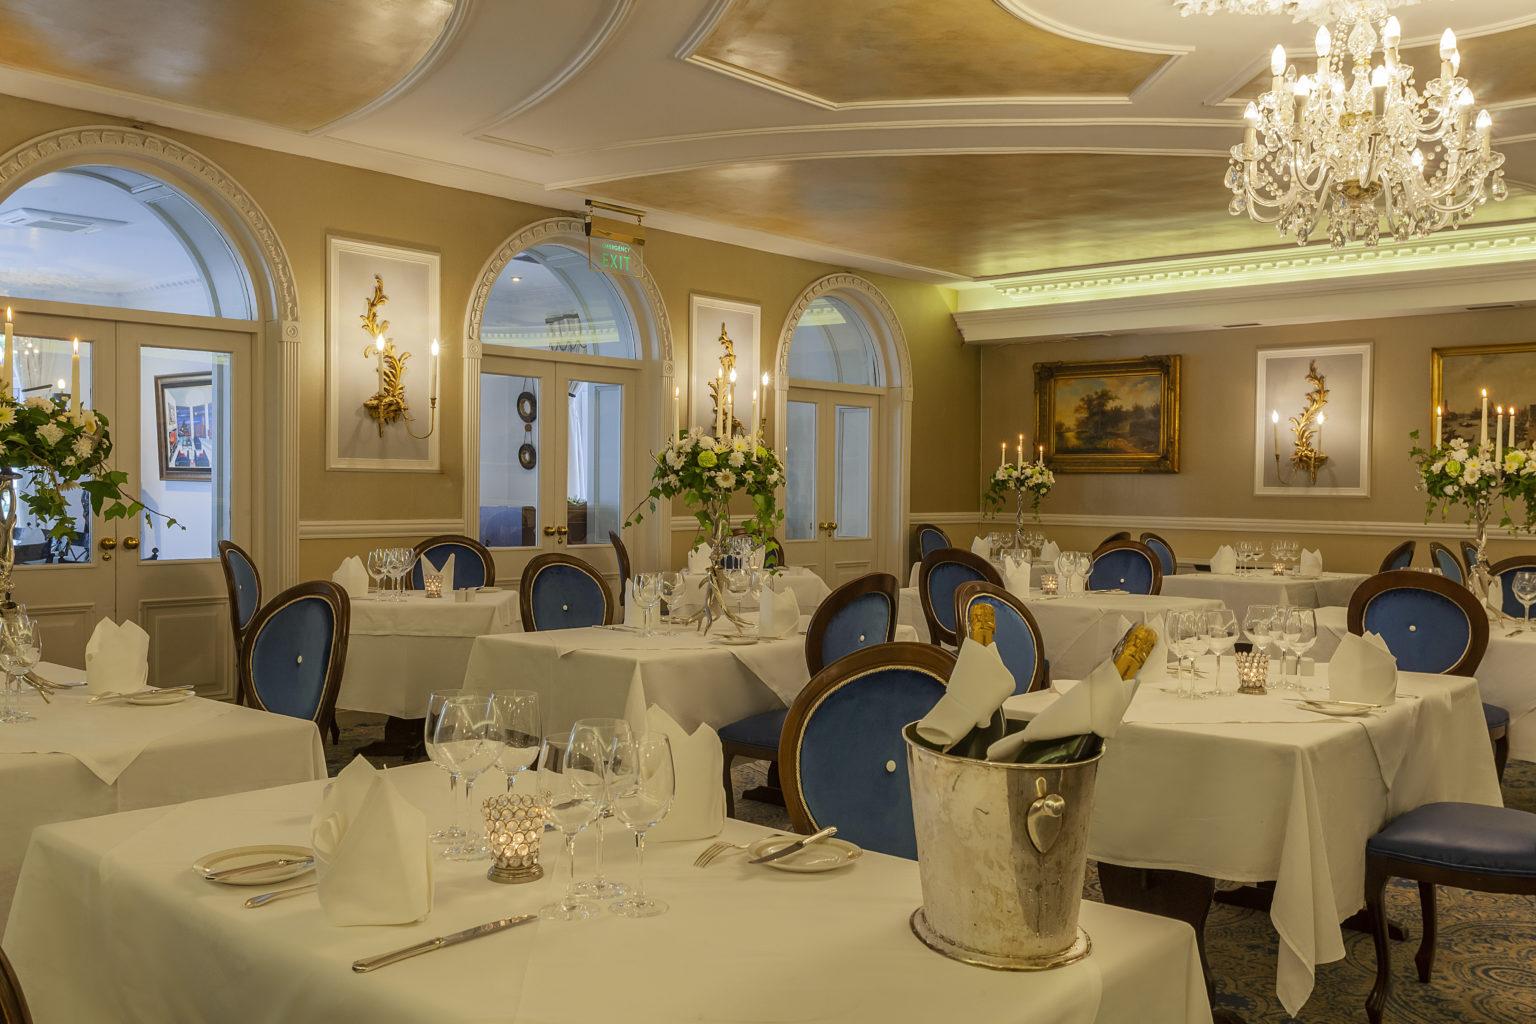 Randles Hotel Court Restaurant